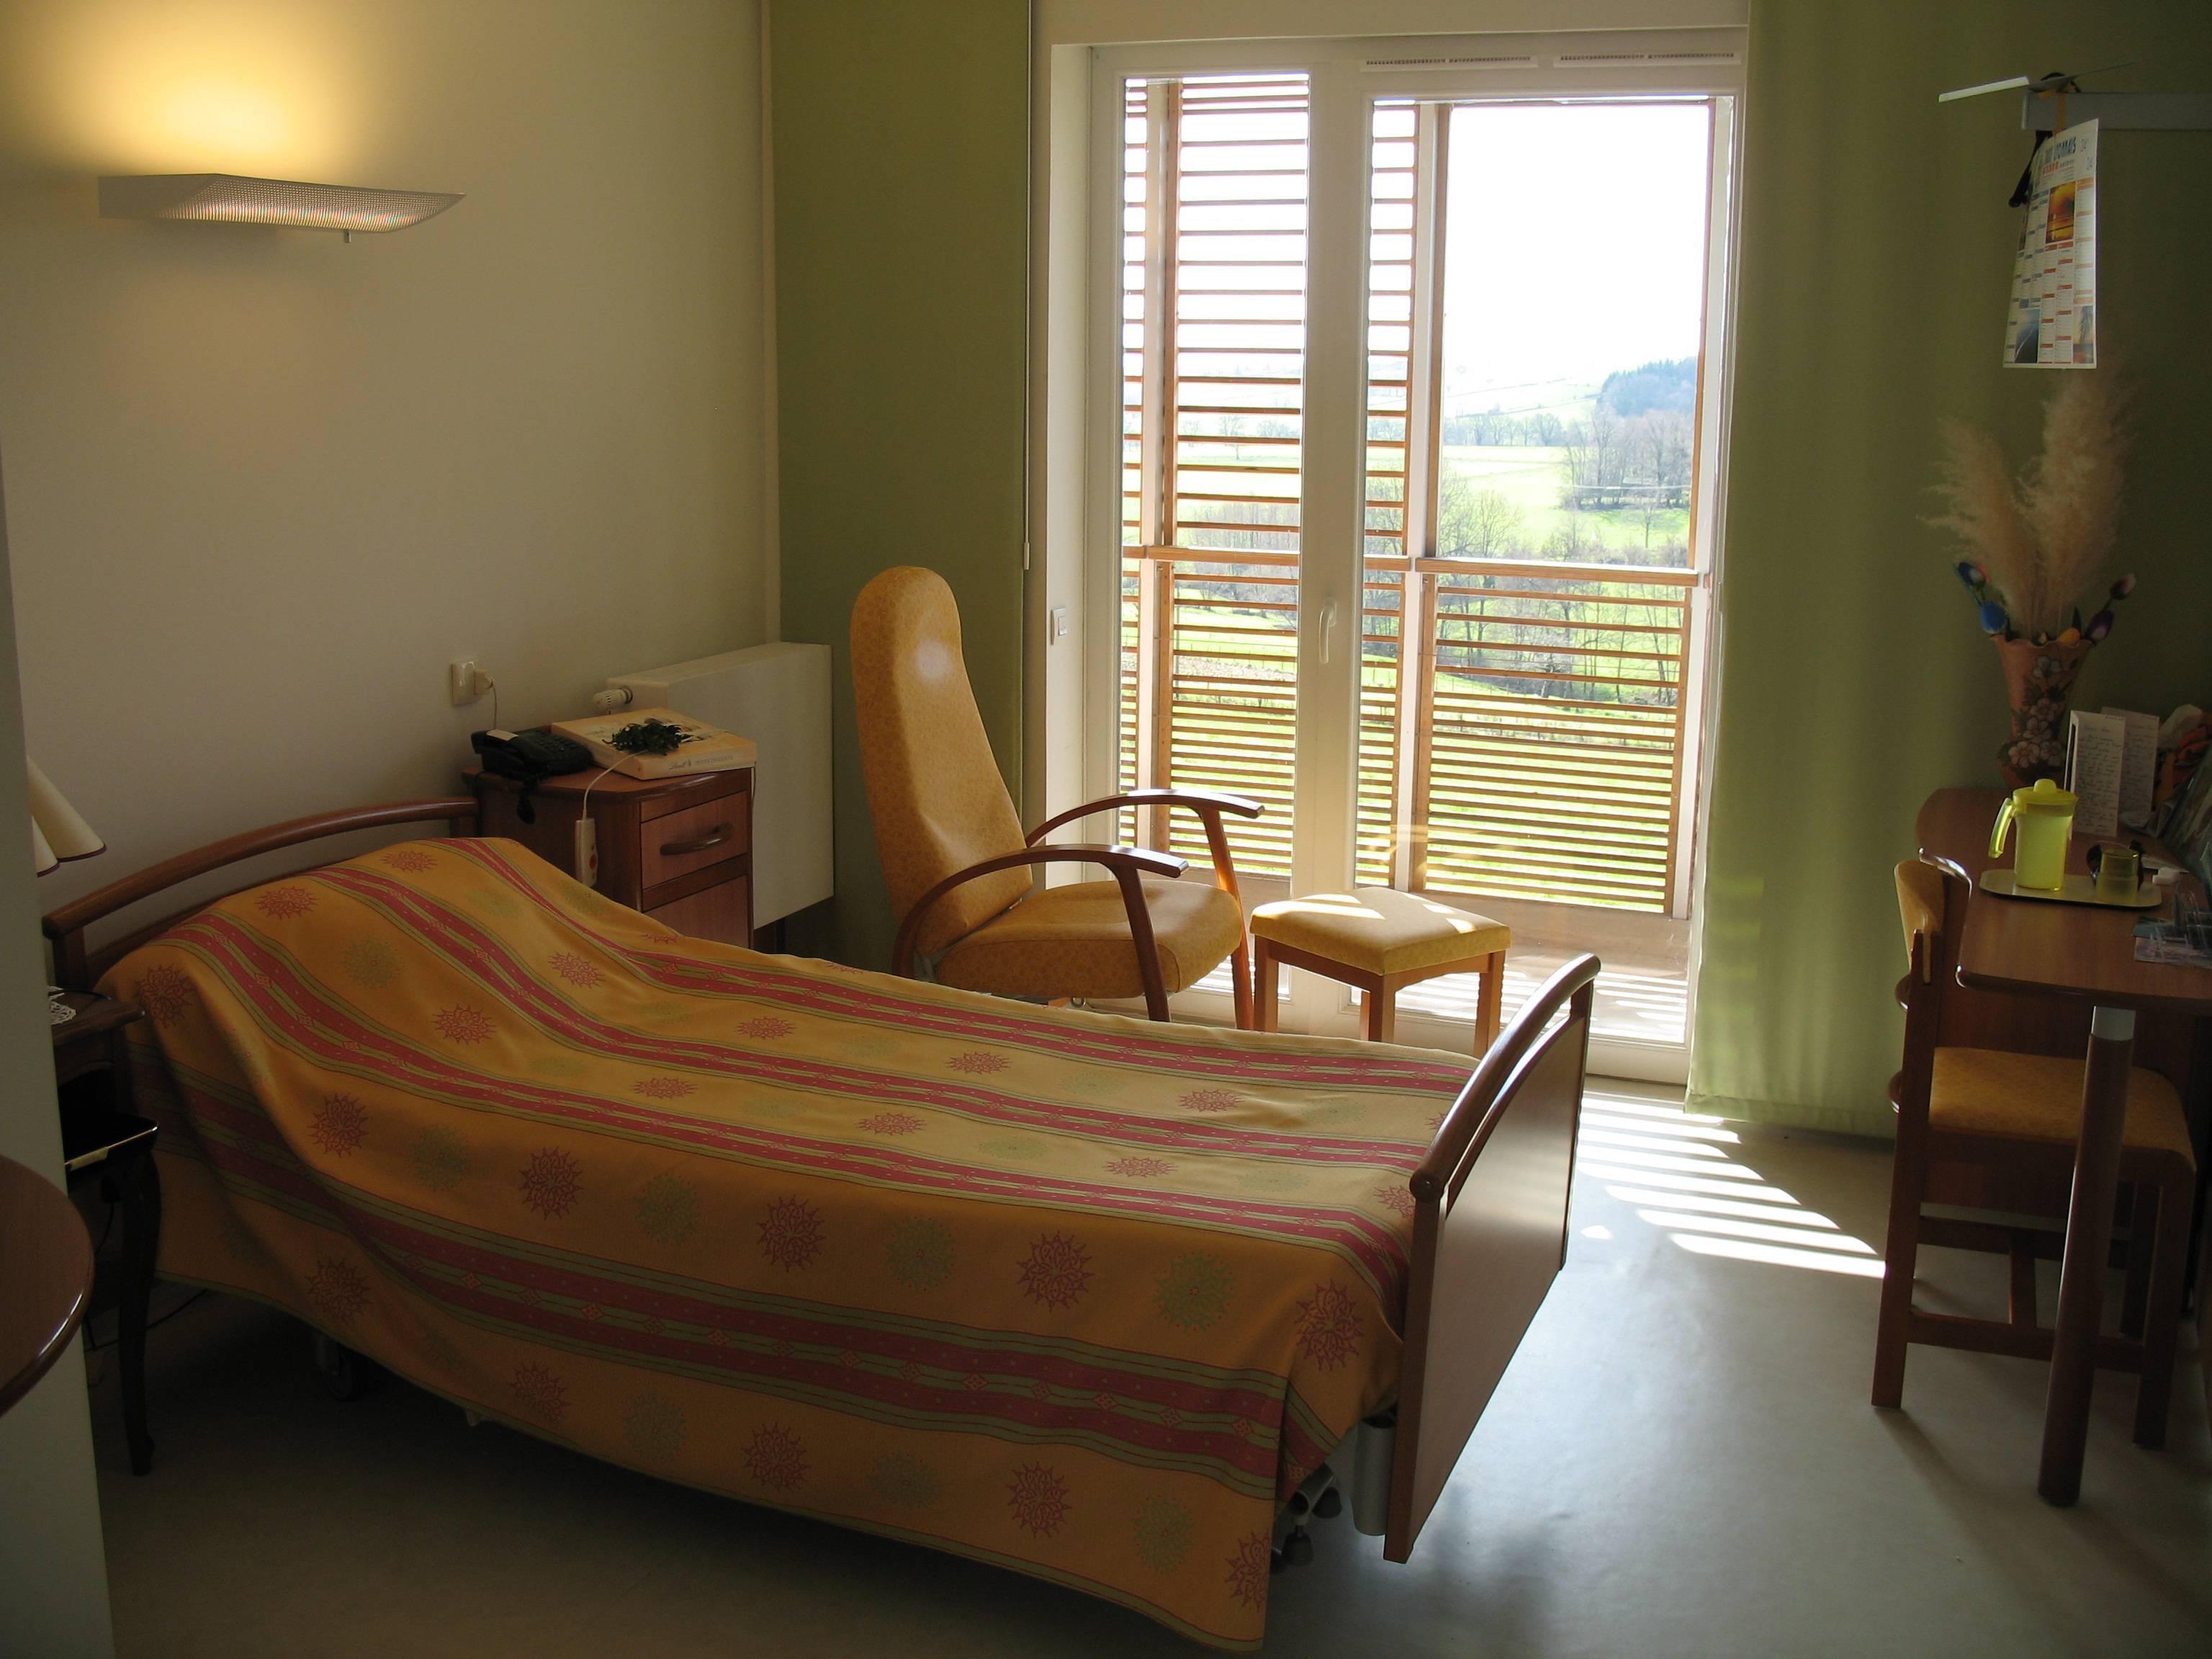 Maison de retraite intercommunale Jean Villard (Pollionnay) - Maisons de retraite